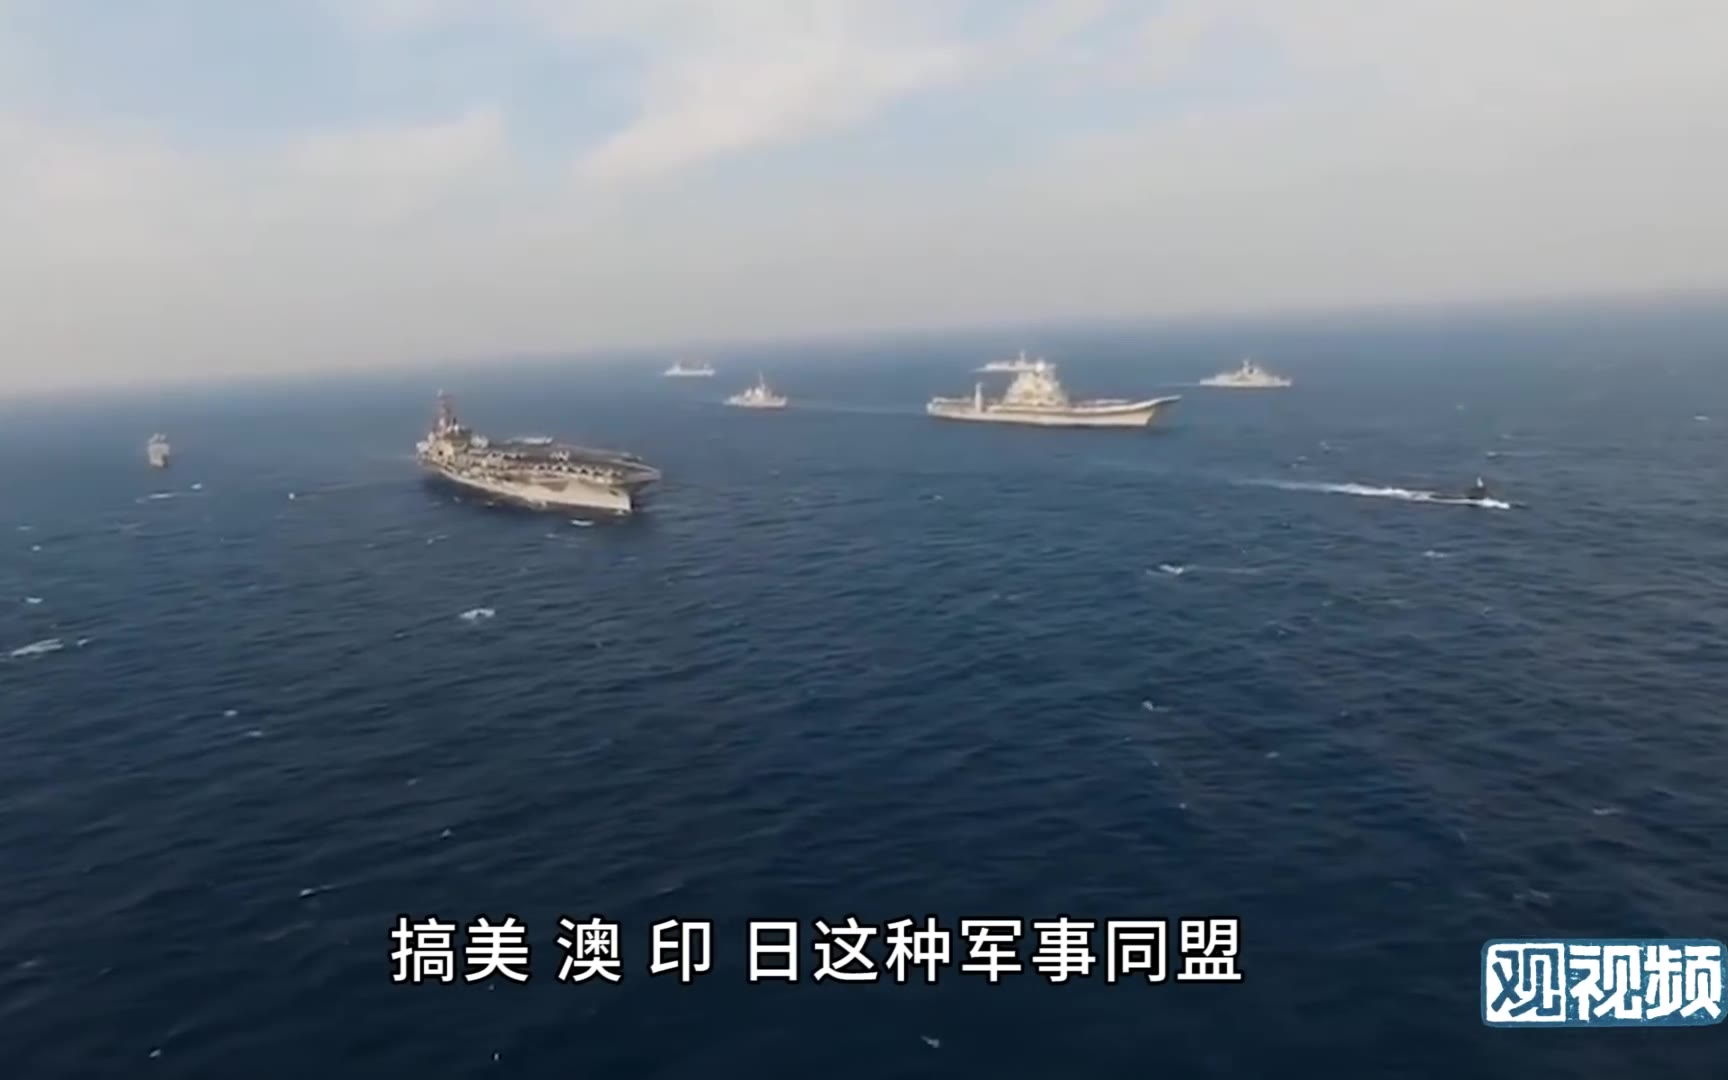 温铁军:RCEP是中国战略上的一步好棋,但对农业来说很可能是灭顶之灾